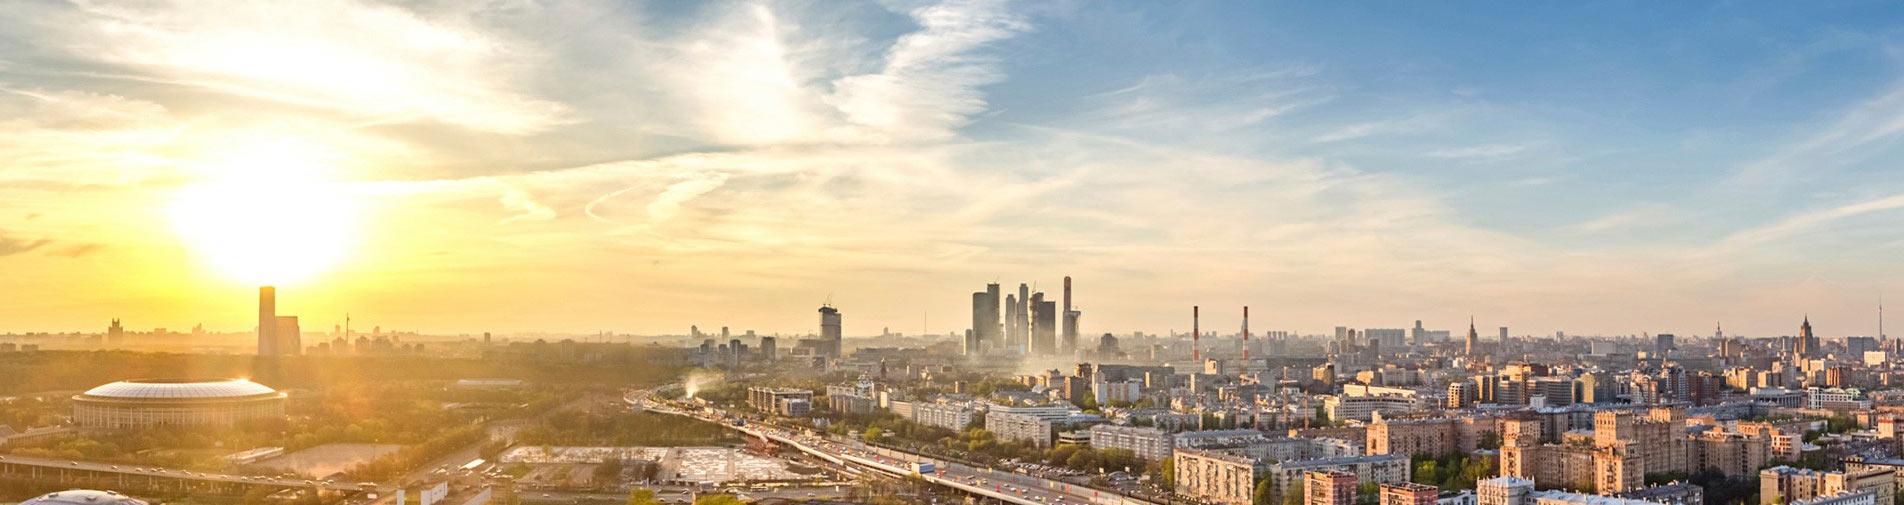 Пансионат для пожилых Красногорск - Второй Дом